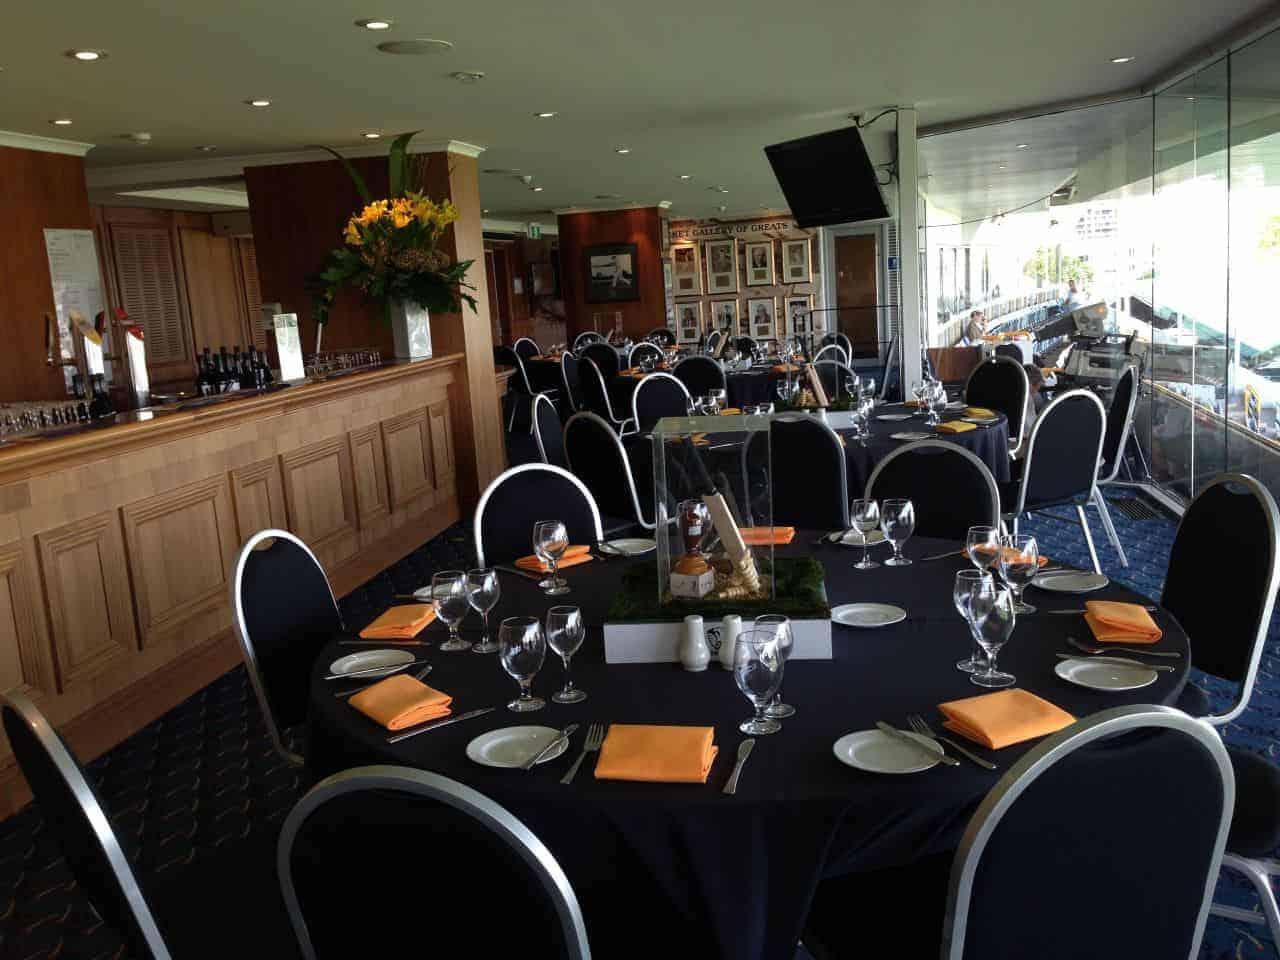 WACA banquet event